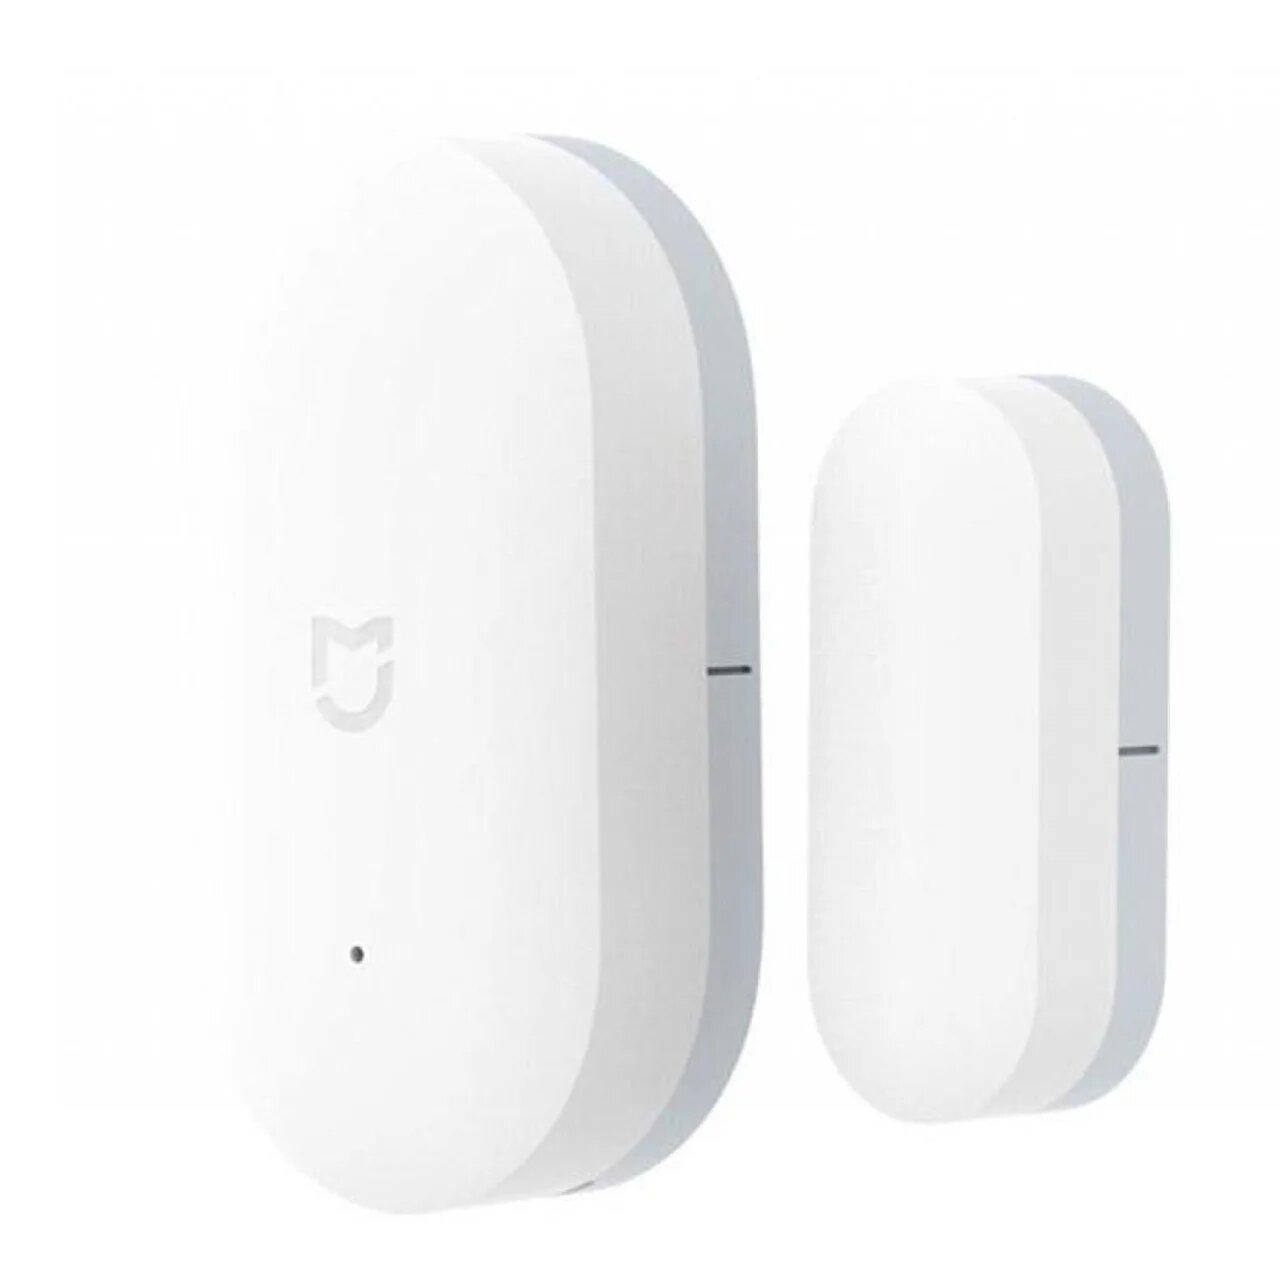 Умный датчик дверей и окон Xiaomi MiJia Door and Window Sensor MCCGQ01LM Белый (3613-11149)